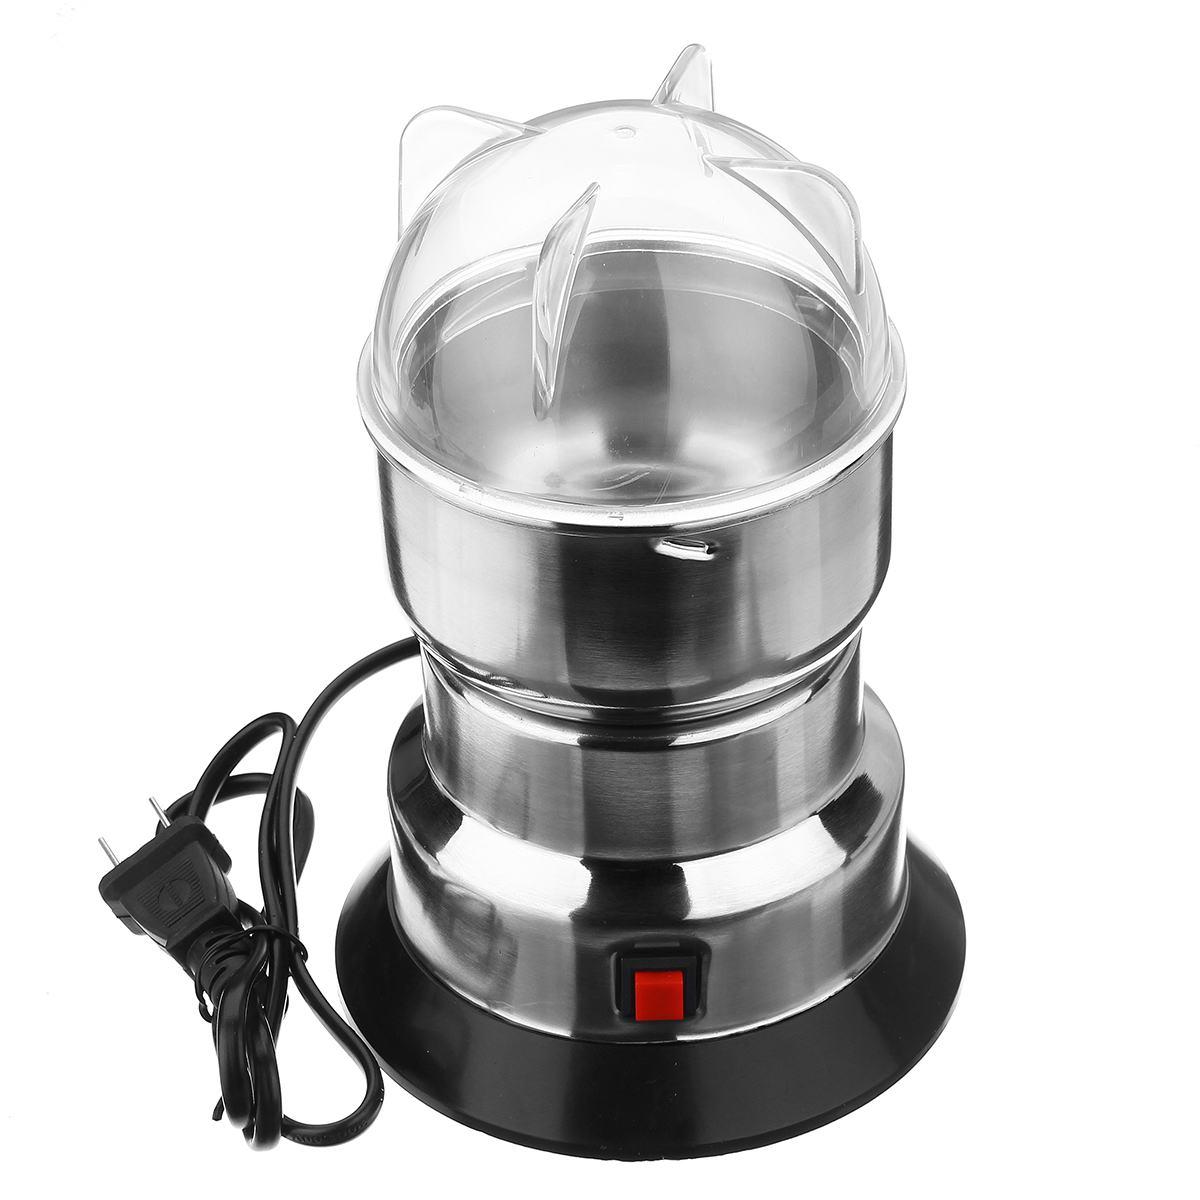 مطحنة قهوة كهربائية, مطحنة قهوة كهربائية للمطبخ ، حبوب ، حبوب ، بهارات ، 10 ثوانٍ ، آلة طحن ، مطحنة قهوة منزلية متعددة الوظائف